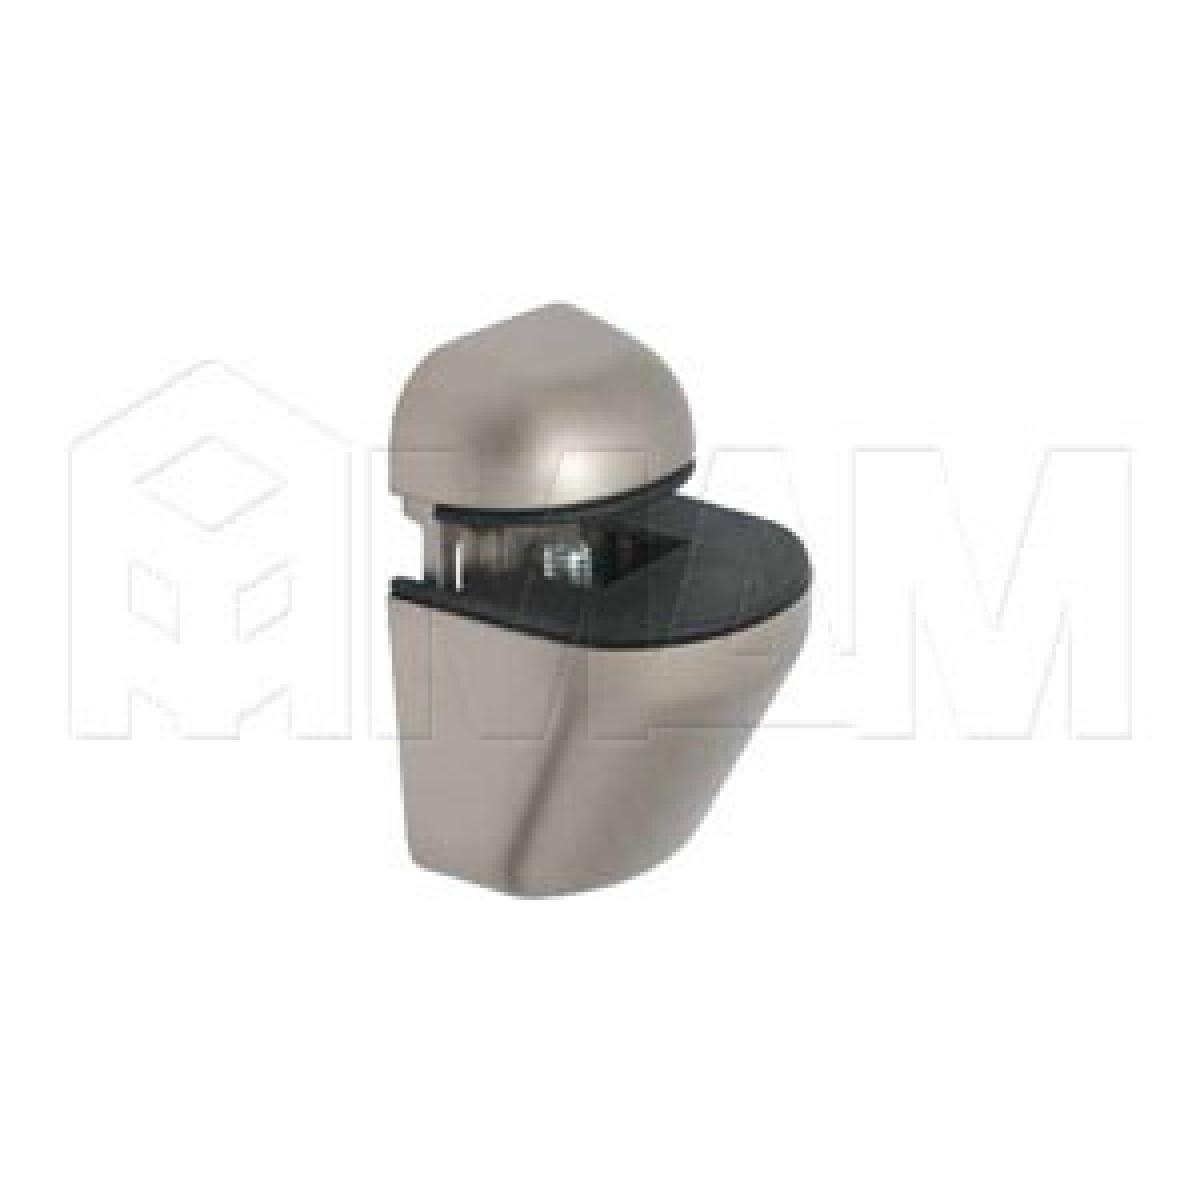 ПЕЛИКАН Менсолодержатель для деревянных и стеклянных полок 4 - 22 мм, никель матовый